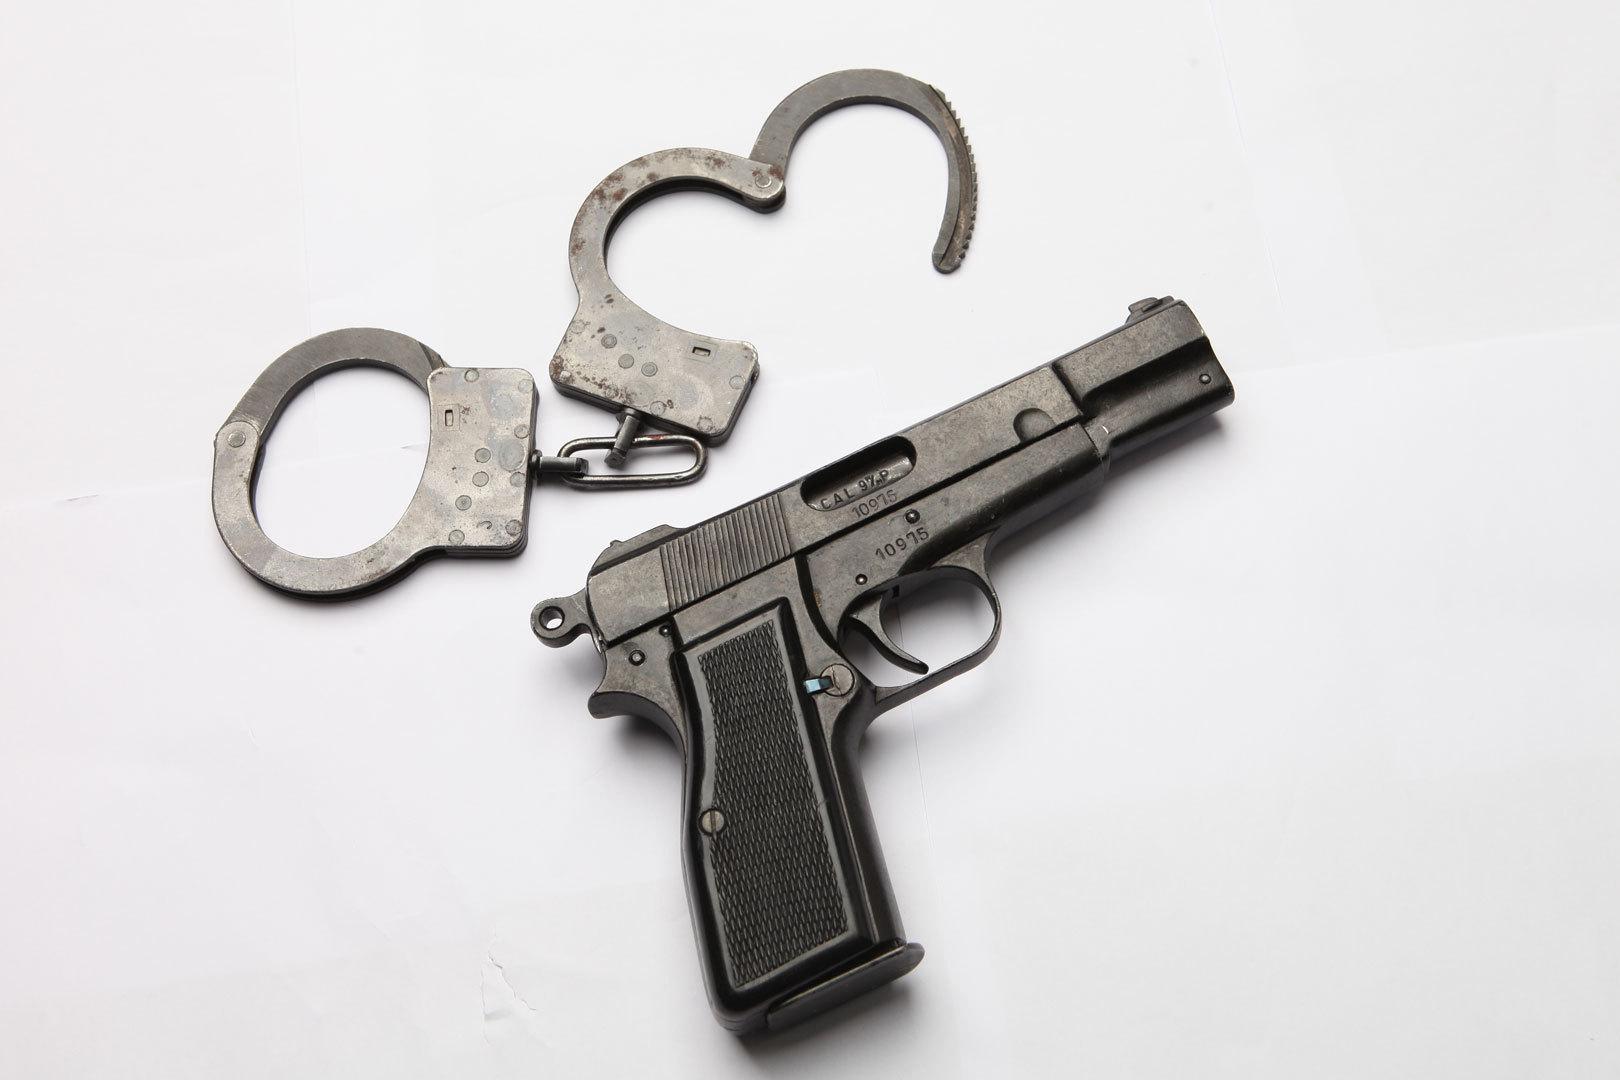 ВЧеркесске полицейский случайно выстрелил впах сослуживцу